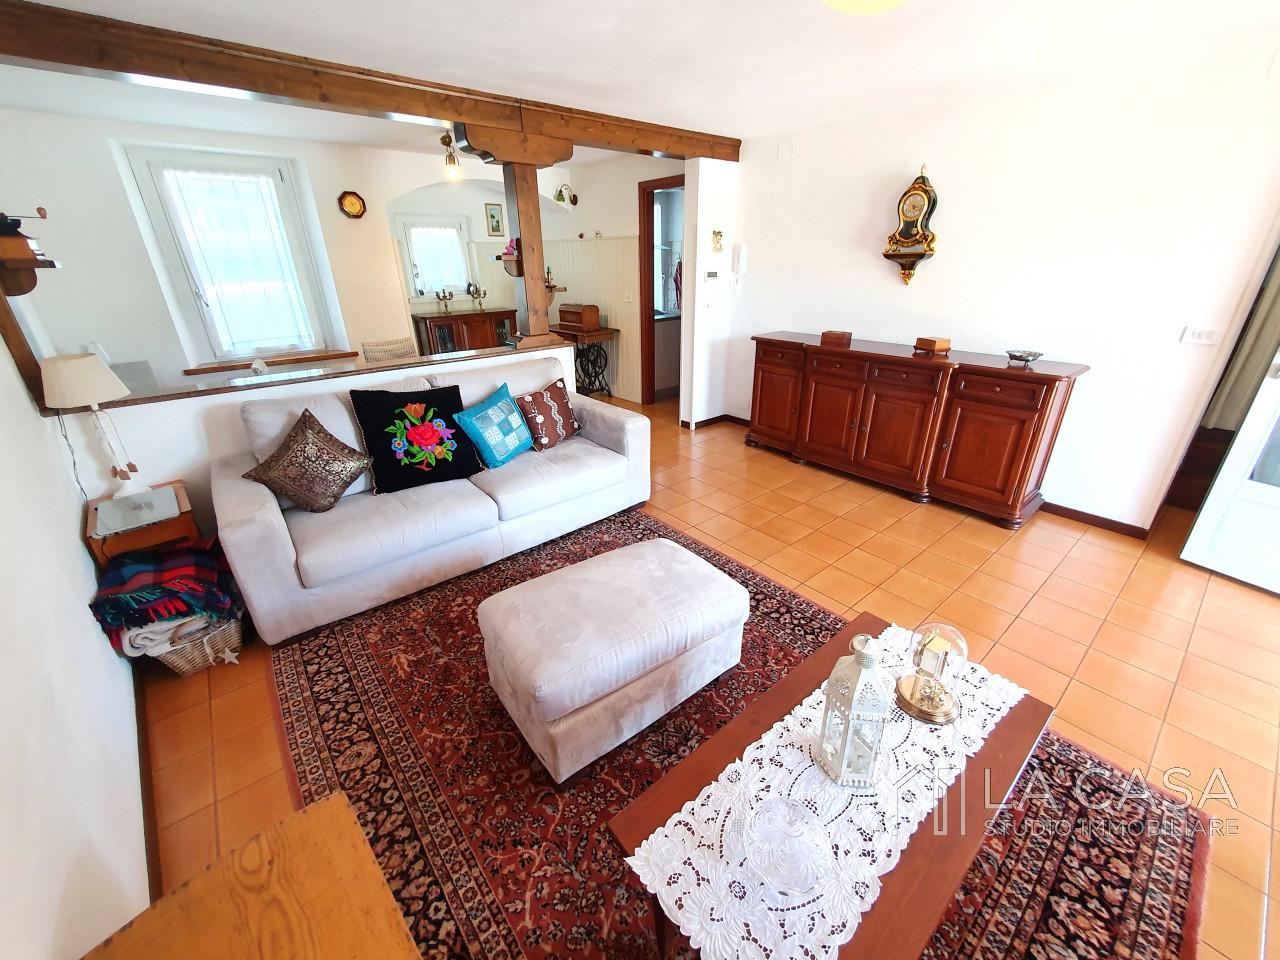 Casa singola in Vendita a Valvasone con Studio/Ufficio indipendente - Rif. C11 https://media.gestionaleimmobiliare.it/foto/annunci/200603/2251575/1280x1280/005__20200601_111128_wmk_0.jpg